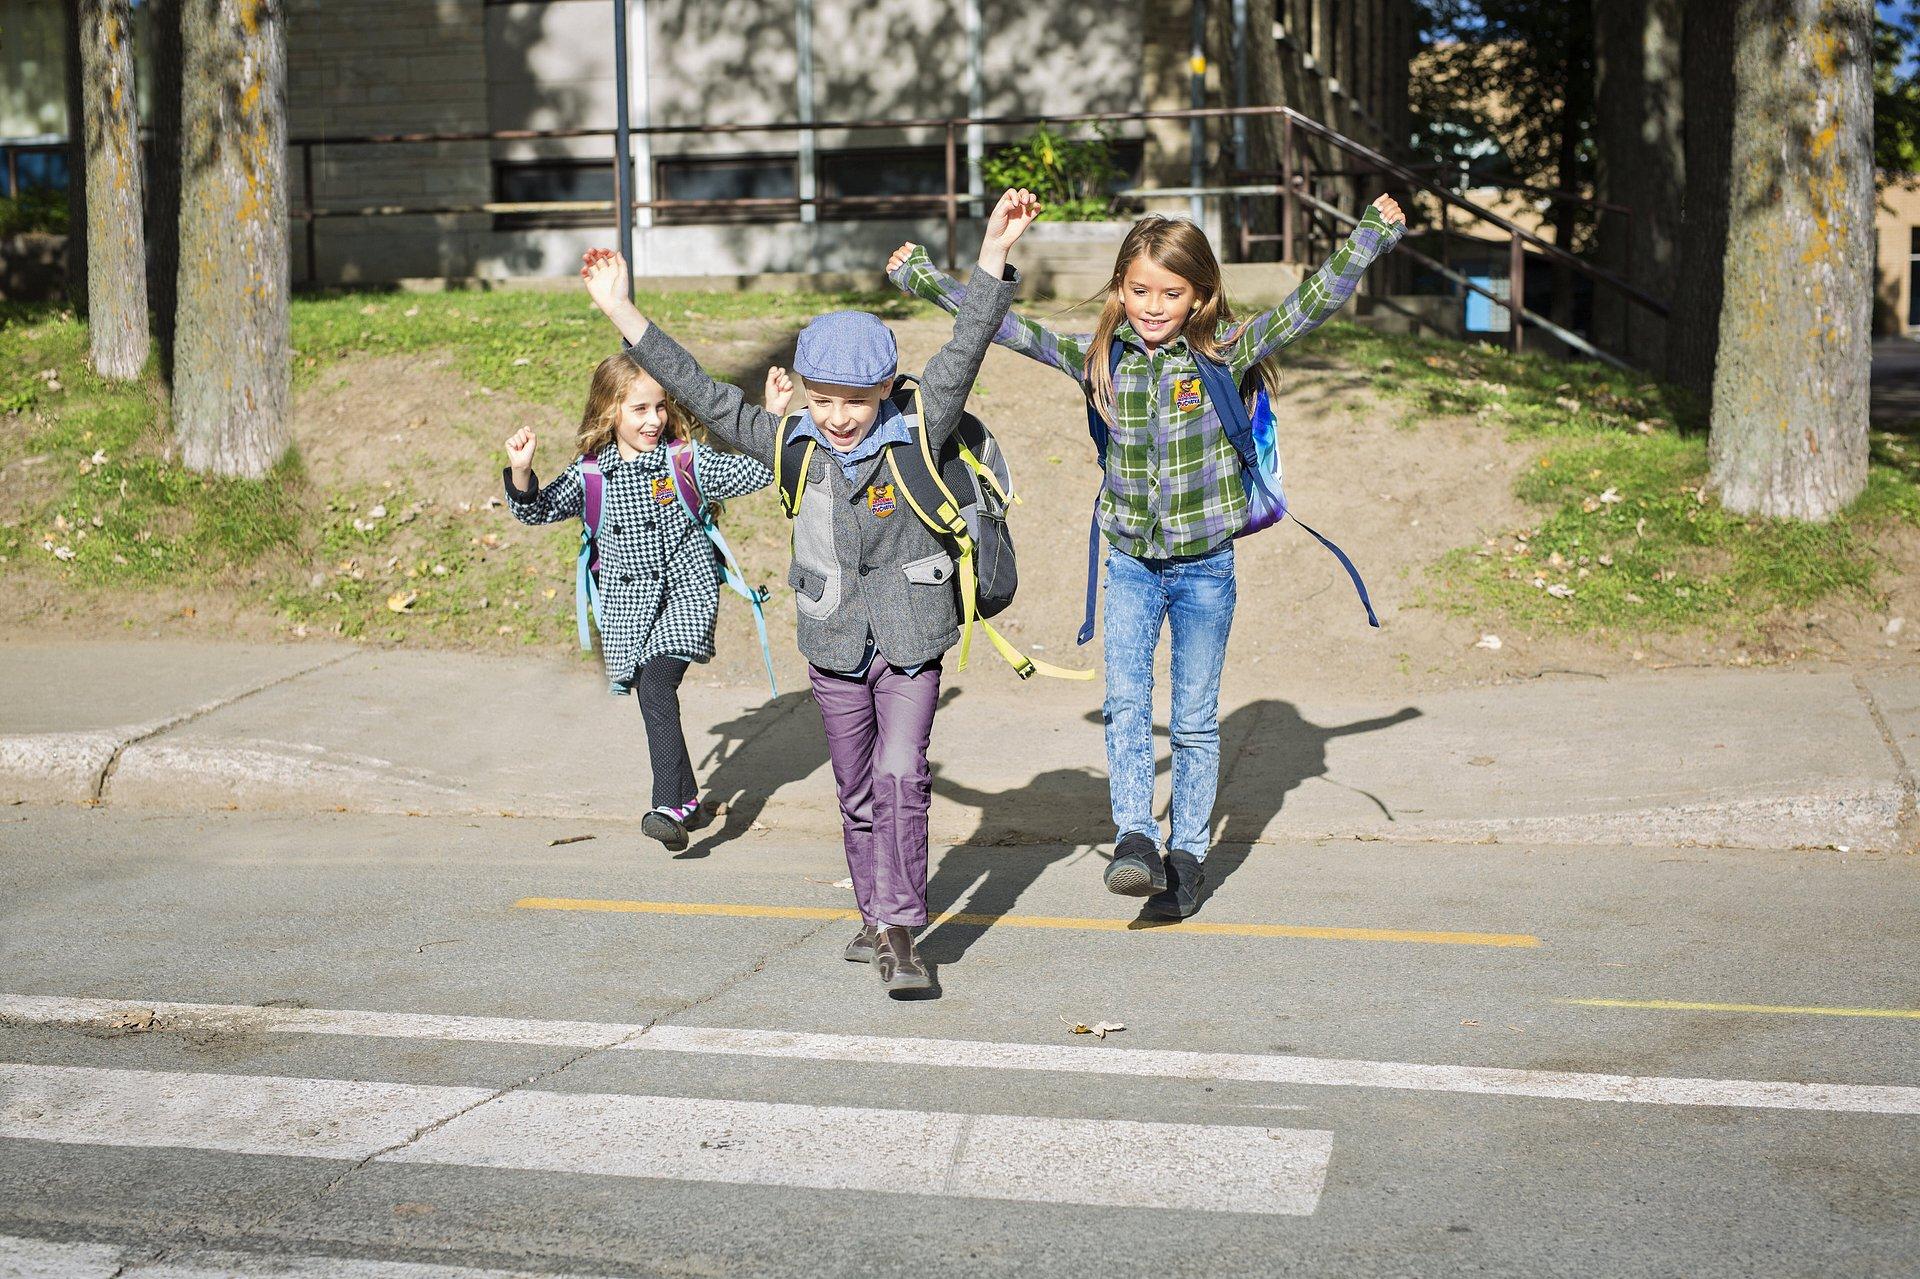 Ruszyła XI edycja Akademii Bezpiecznego Puchatka – trwa nabór szkół z województwa łódzkiego do programu